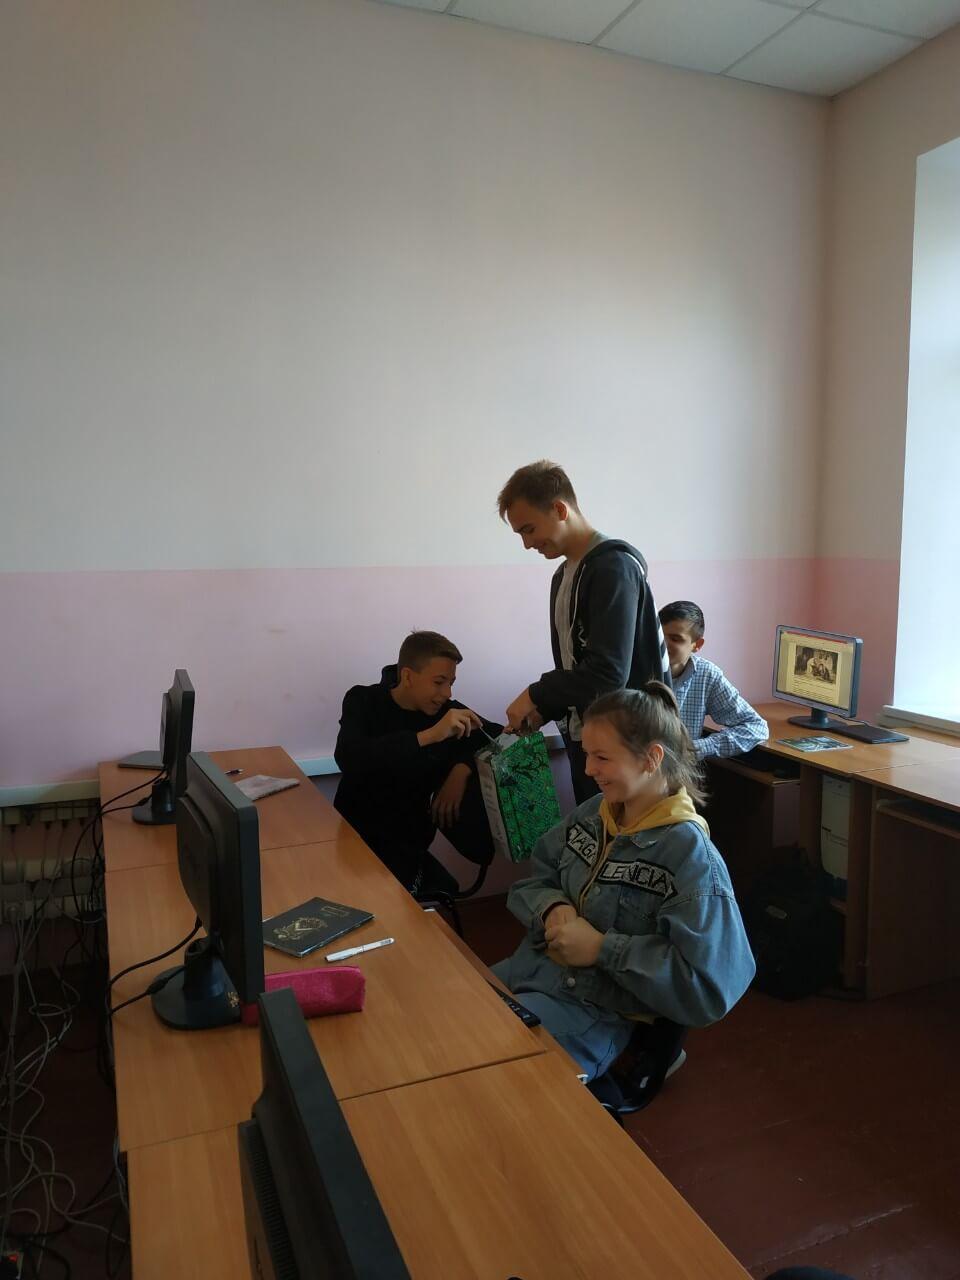 zobrazhennya viber 2019 09 25 16 09 518 - Вибори президента учнівського самоврядування